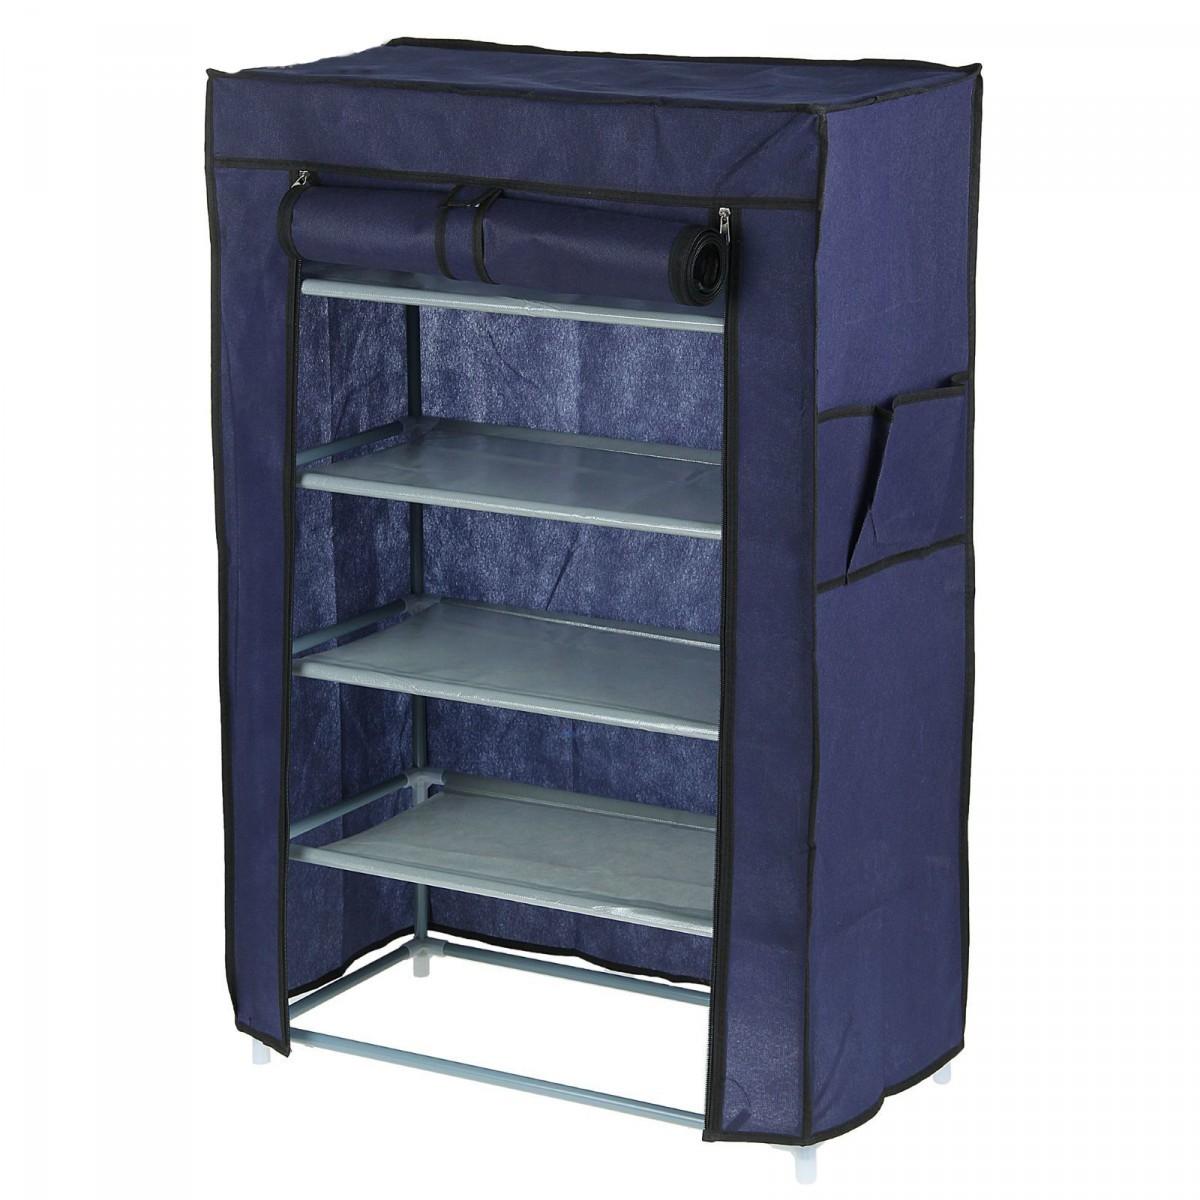 Купить тканевый шкаф для обуви на 5 полок синий 60 х 28 х 90 см